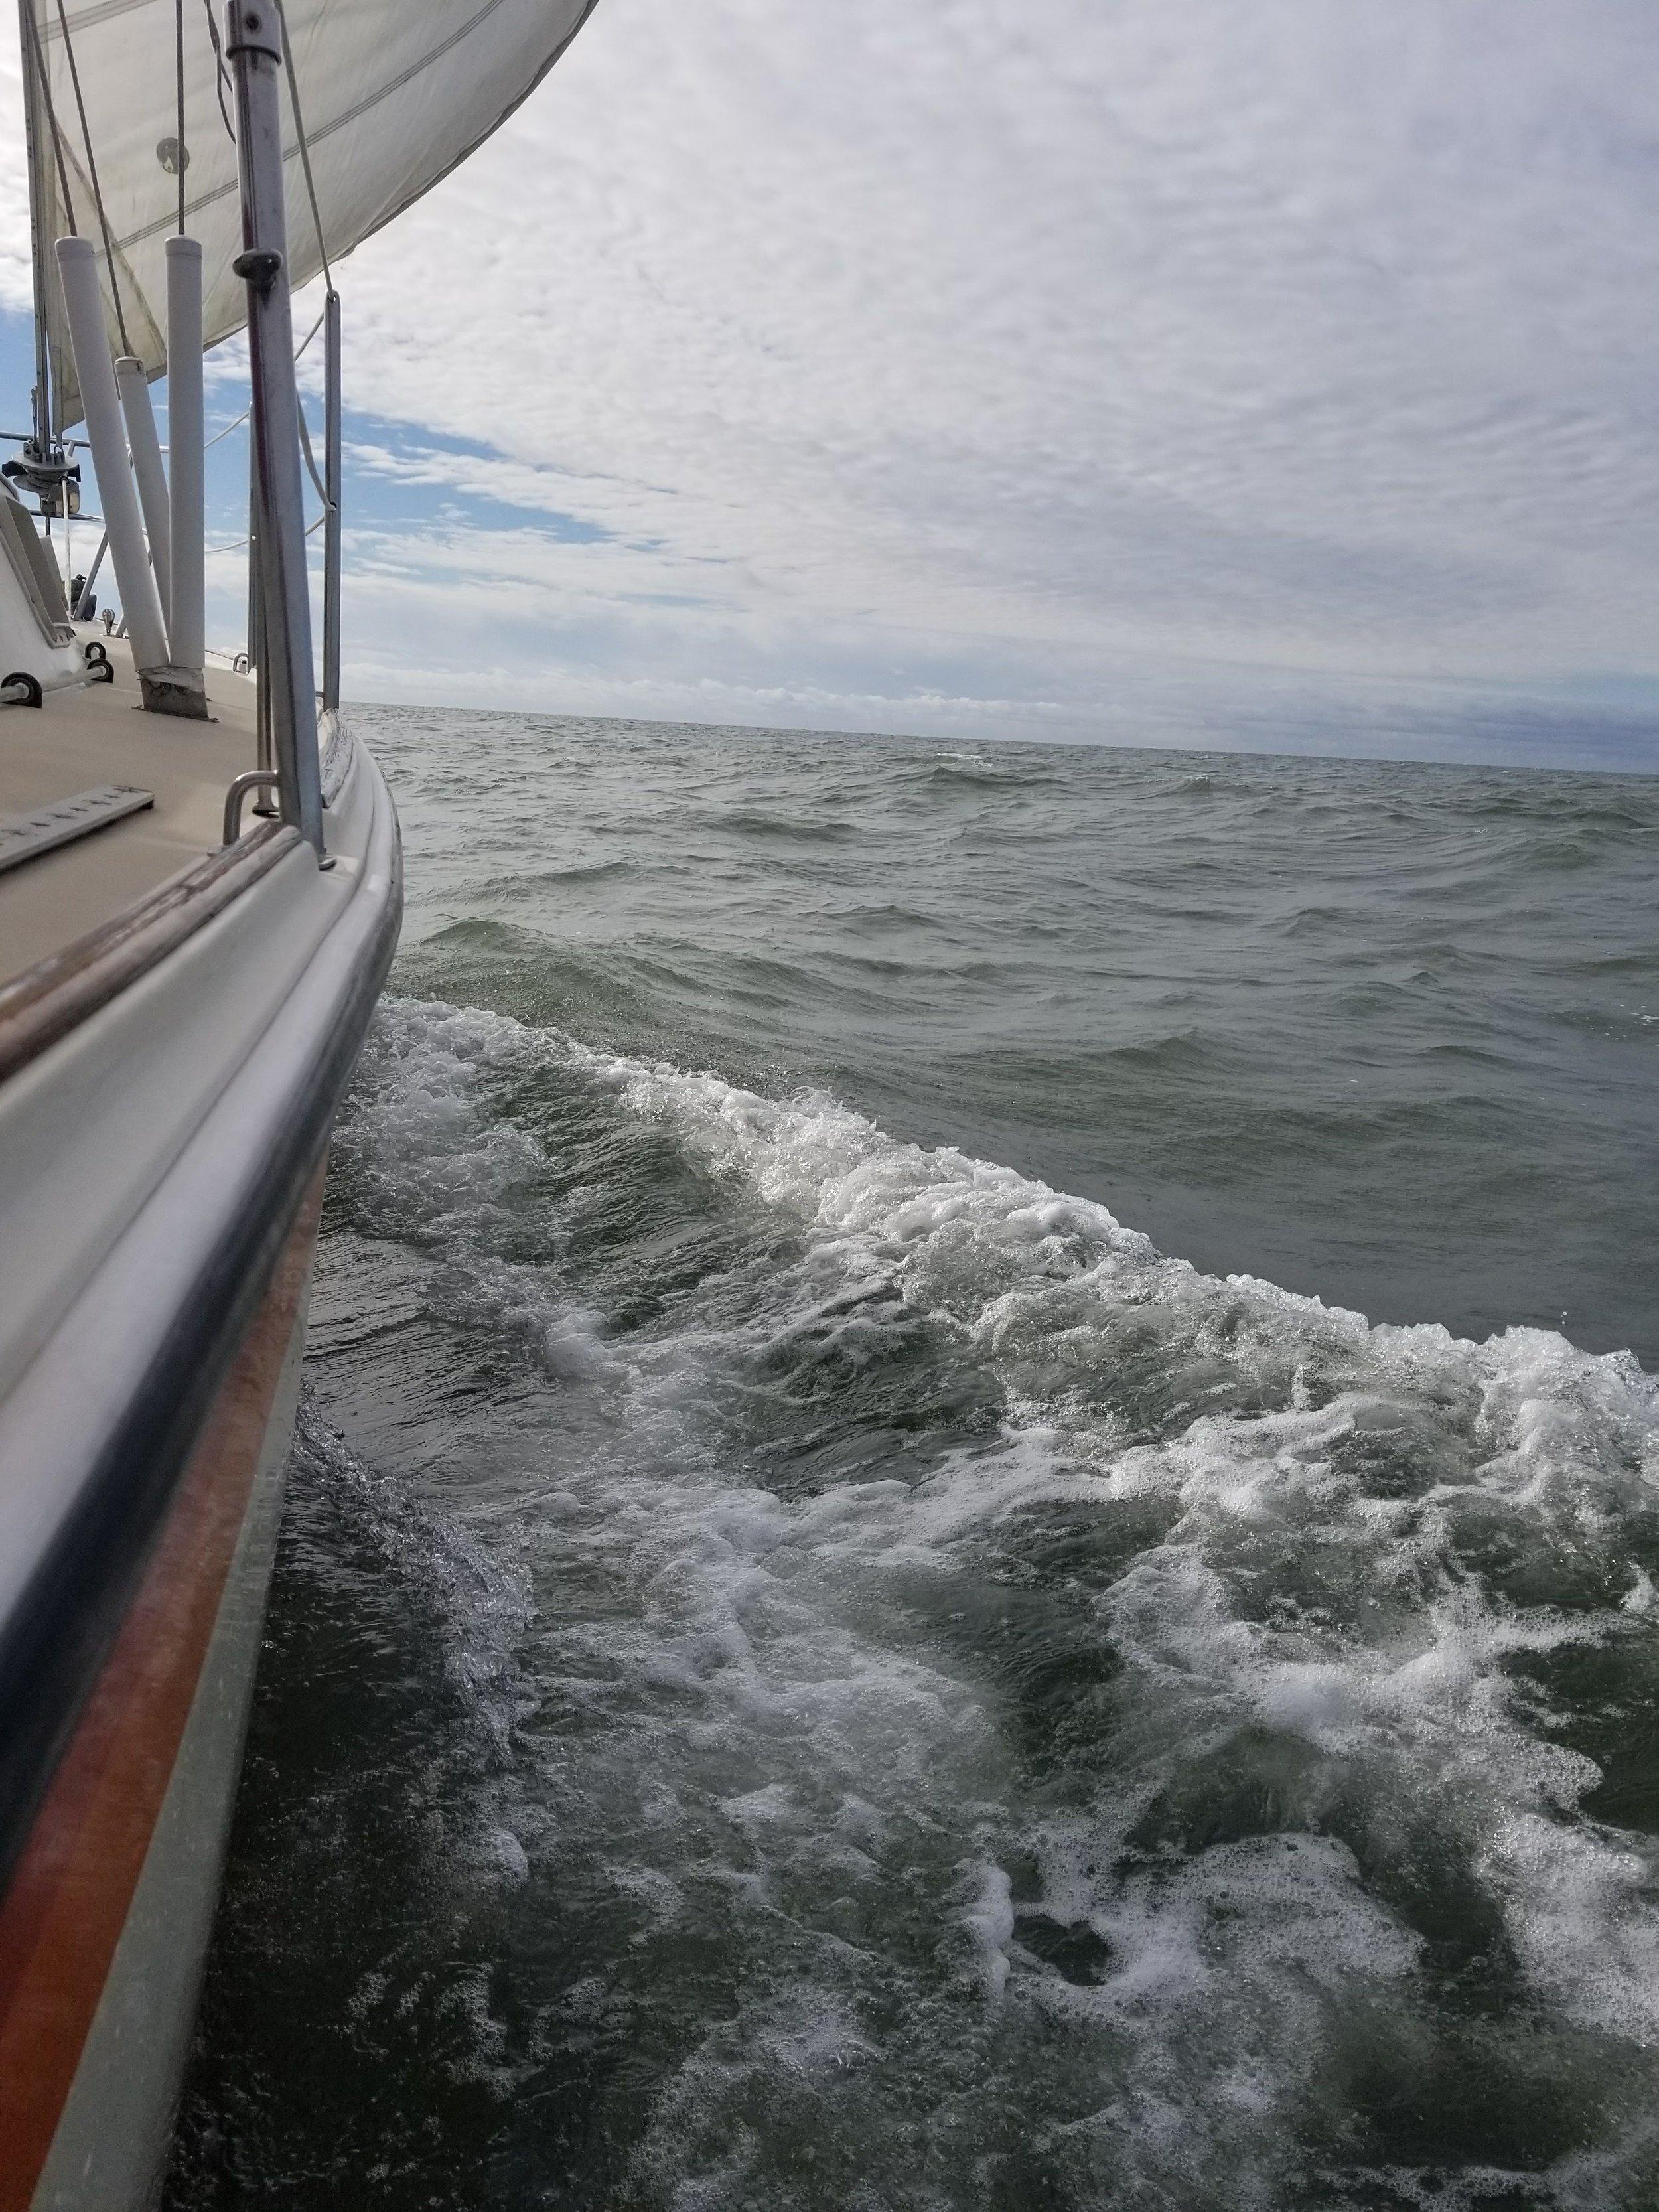 Underway approaching Ocean City, MD.